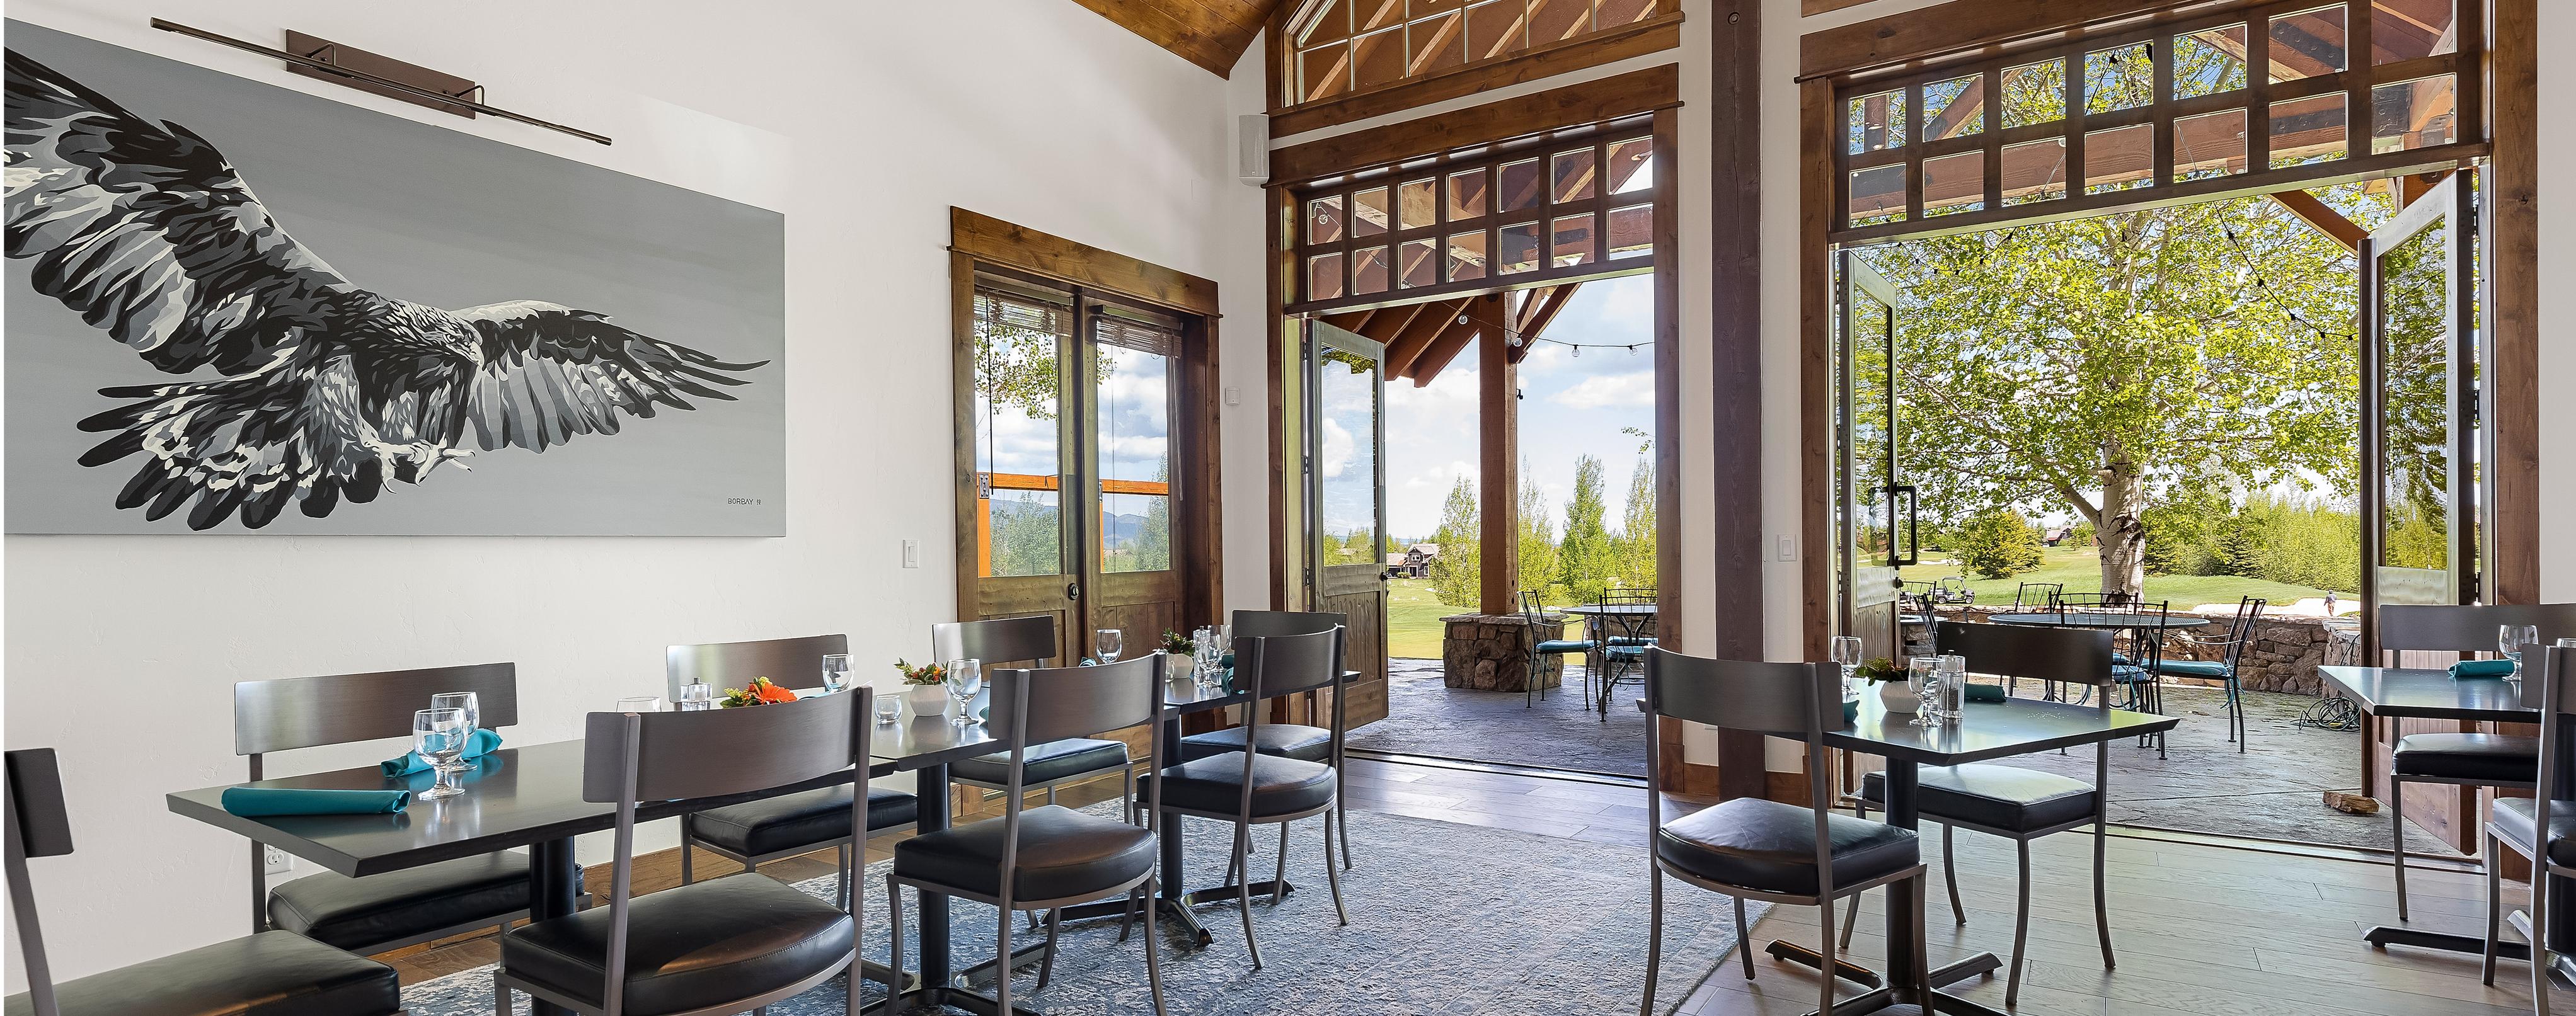 Teton Springs Resort & Club | Teton Valley, ID